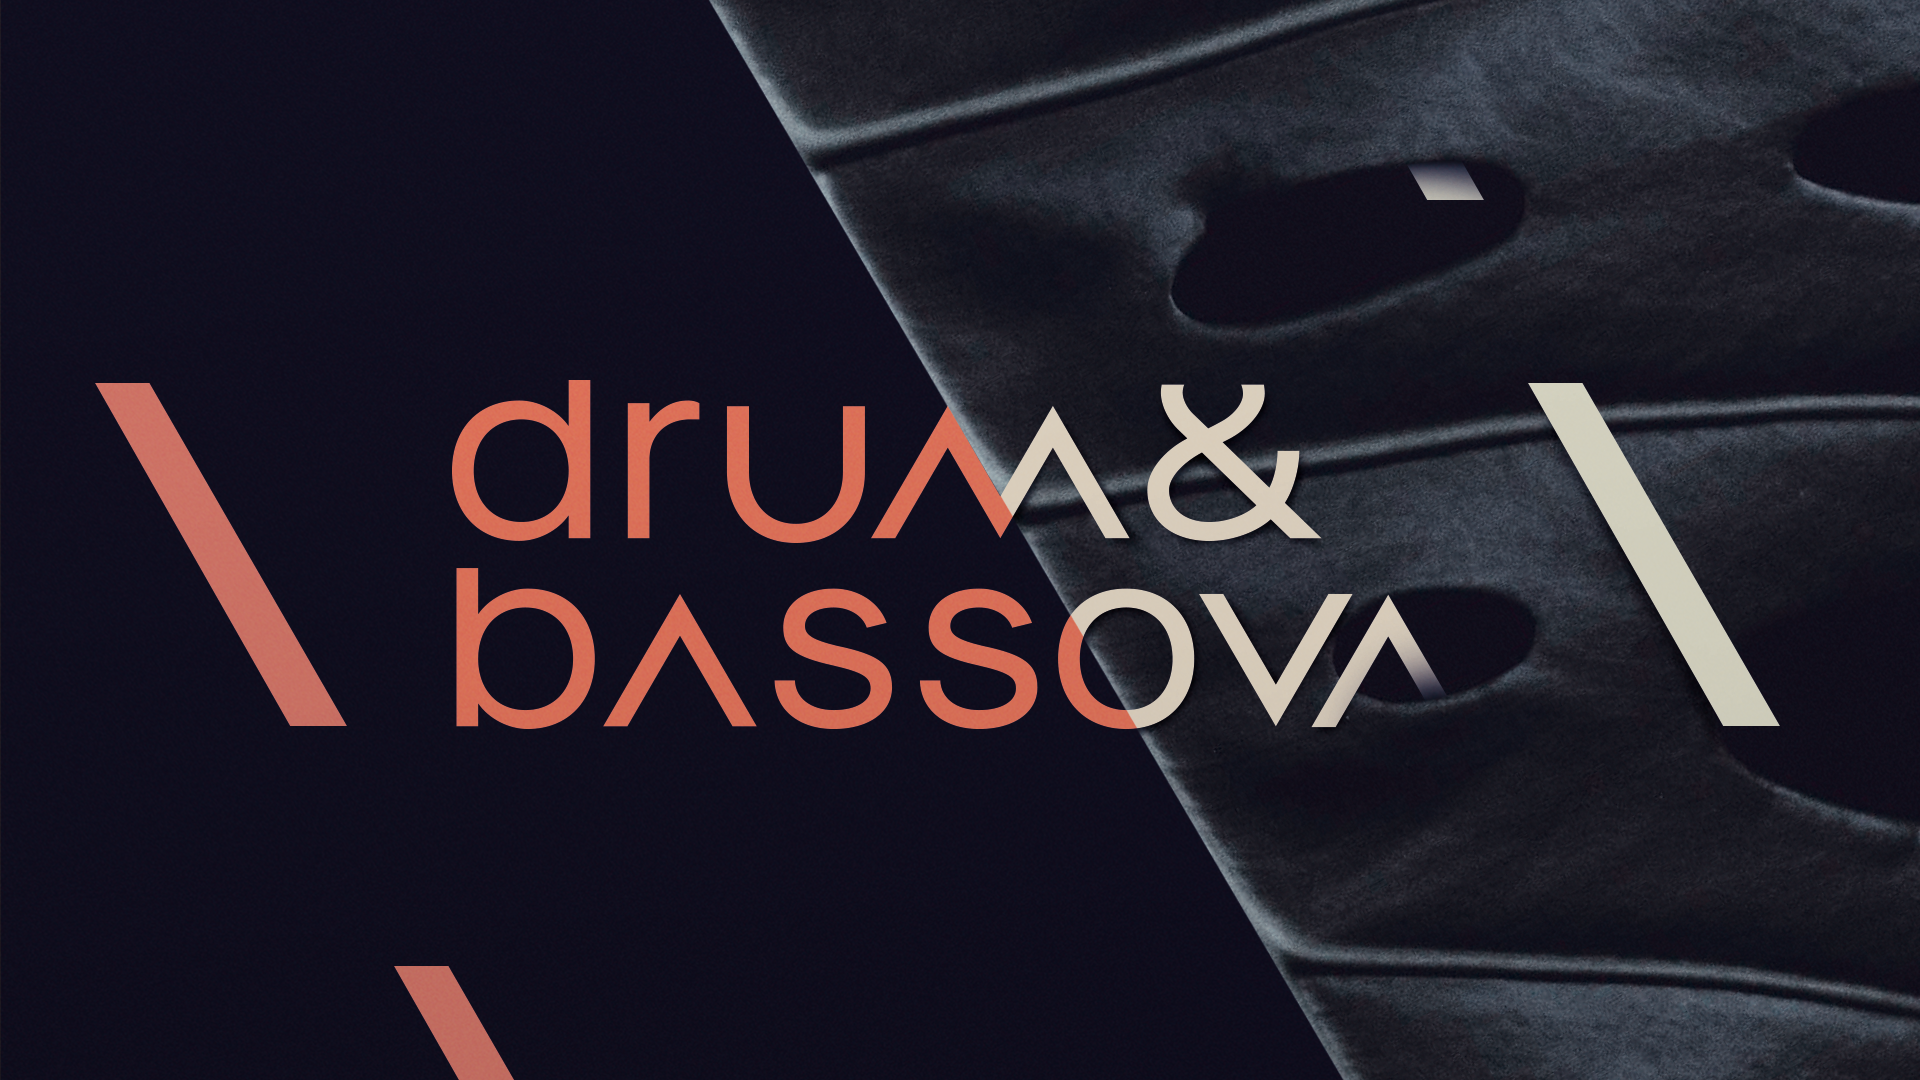 dnb torun nrd sova hałąsova drum&bassova drum'n'bass